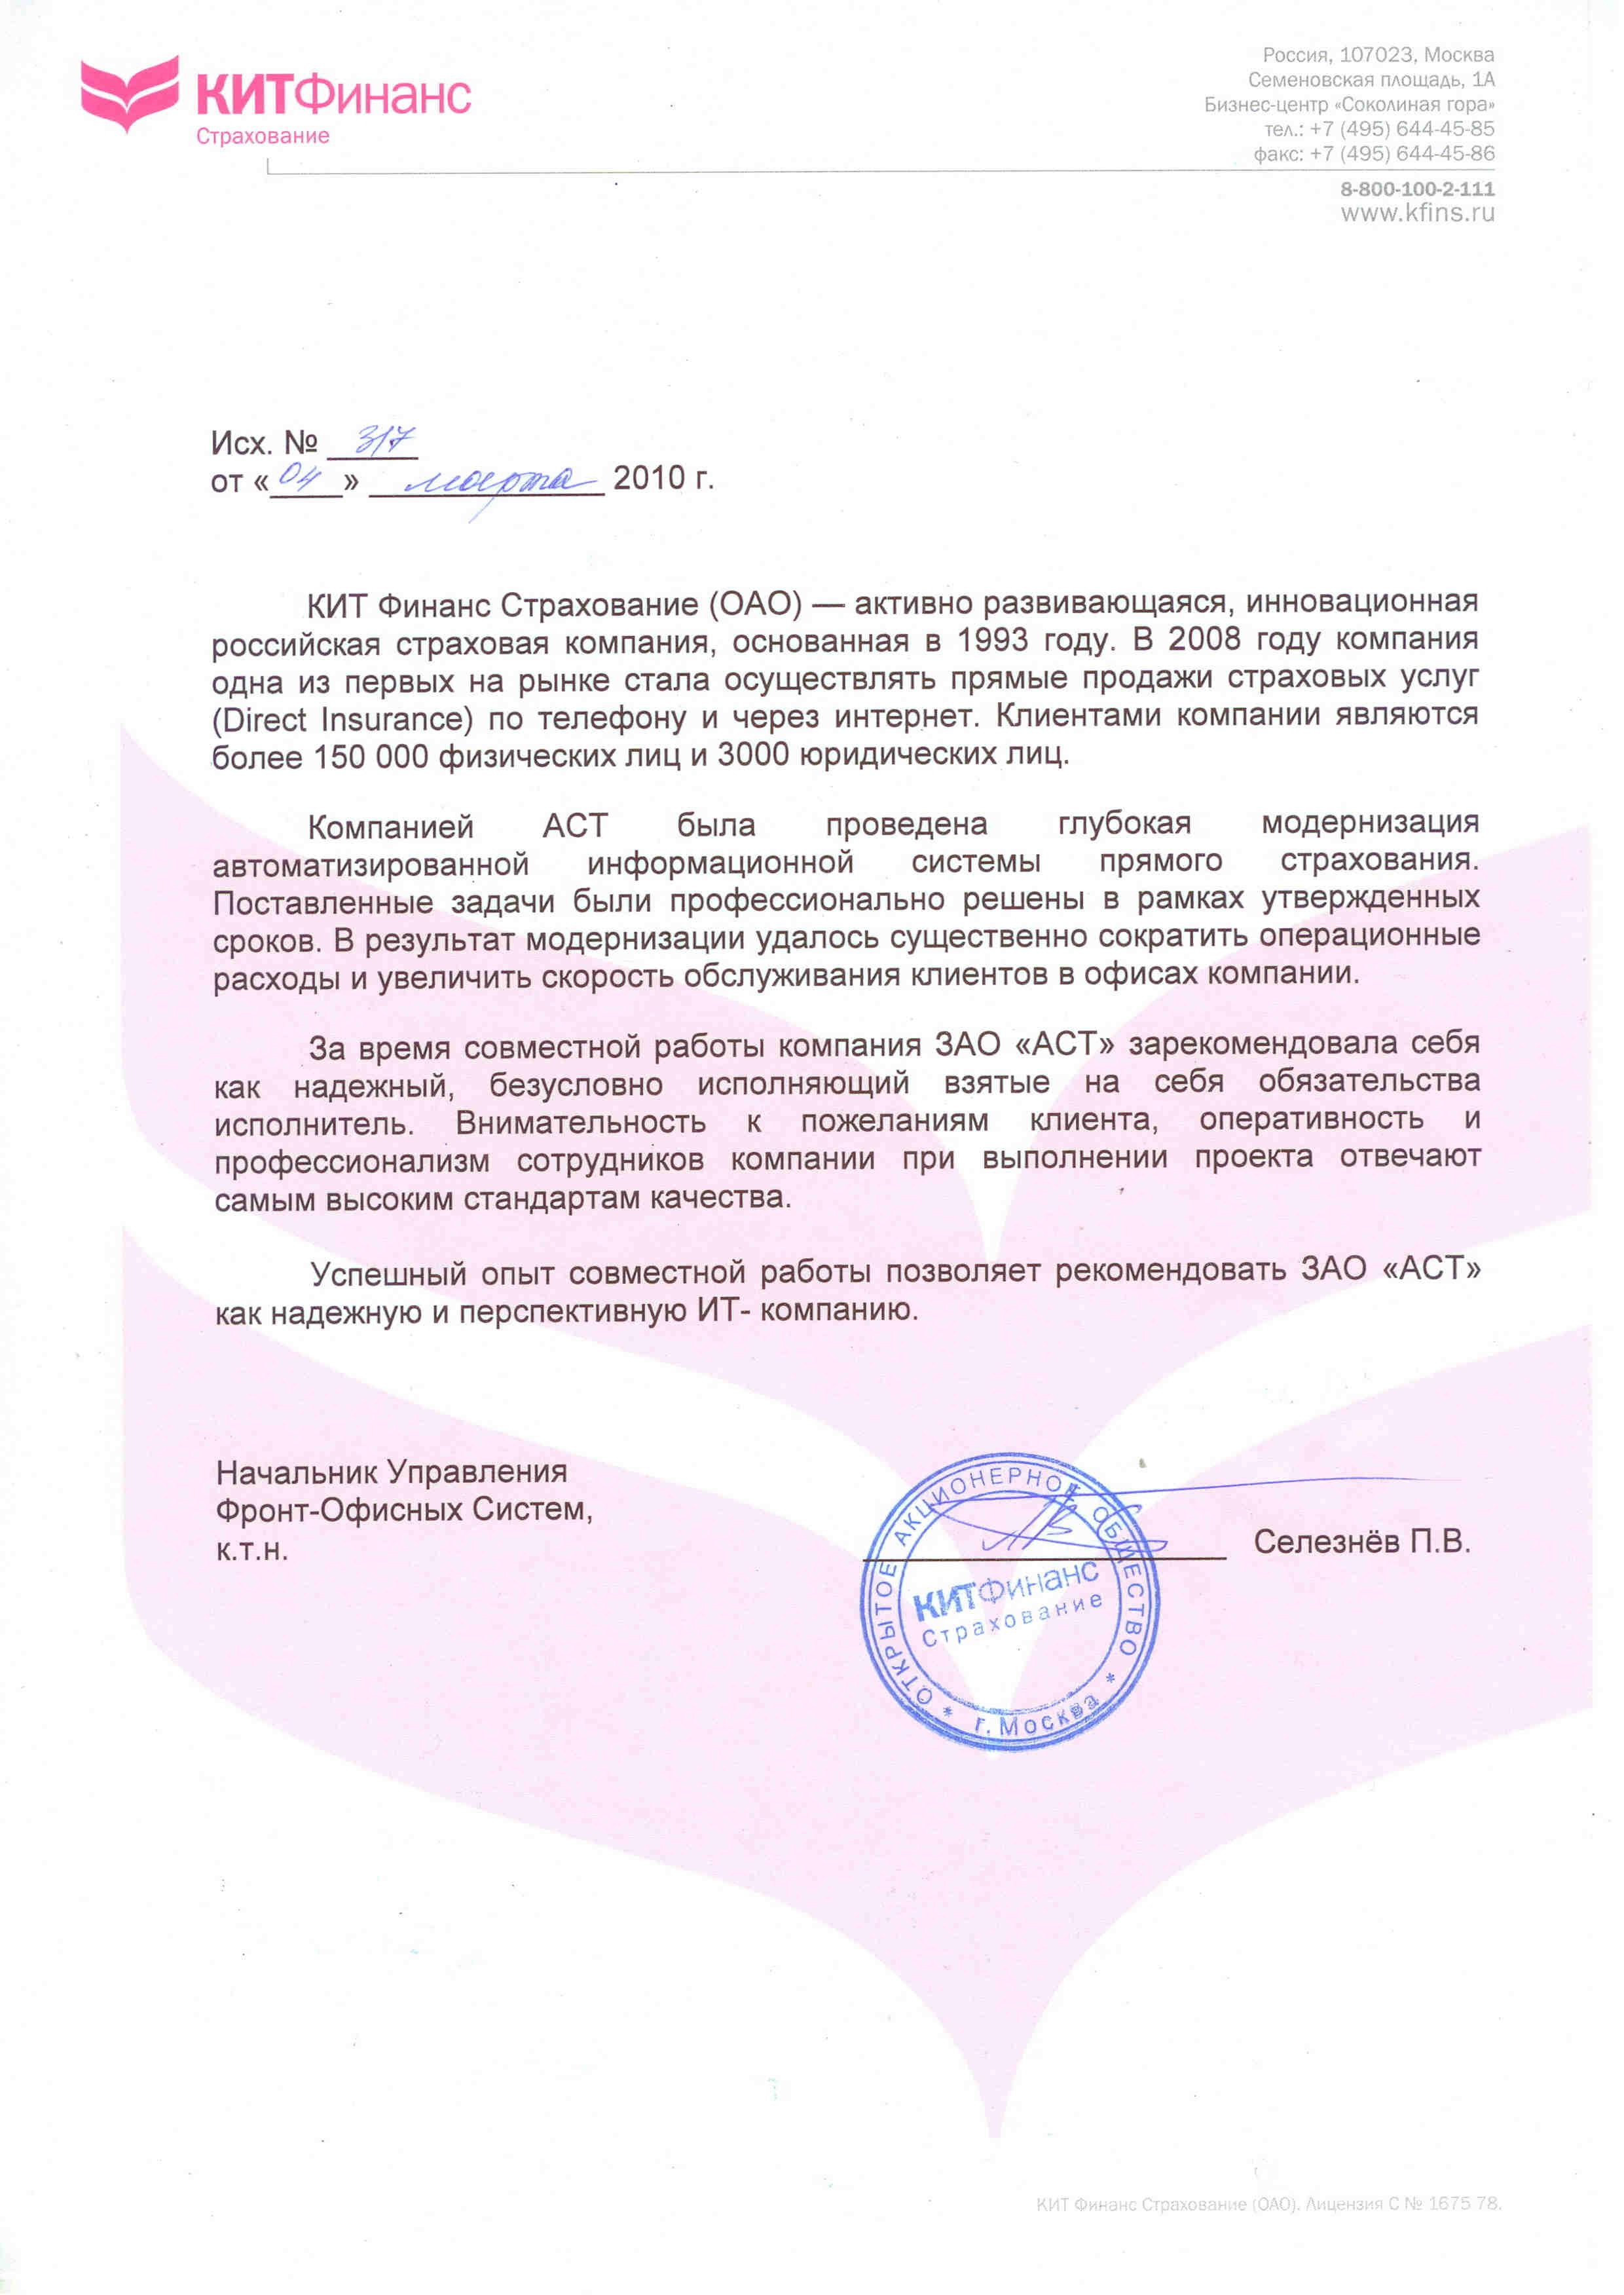 КИТ Финанс Страхование